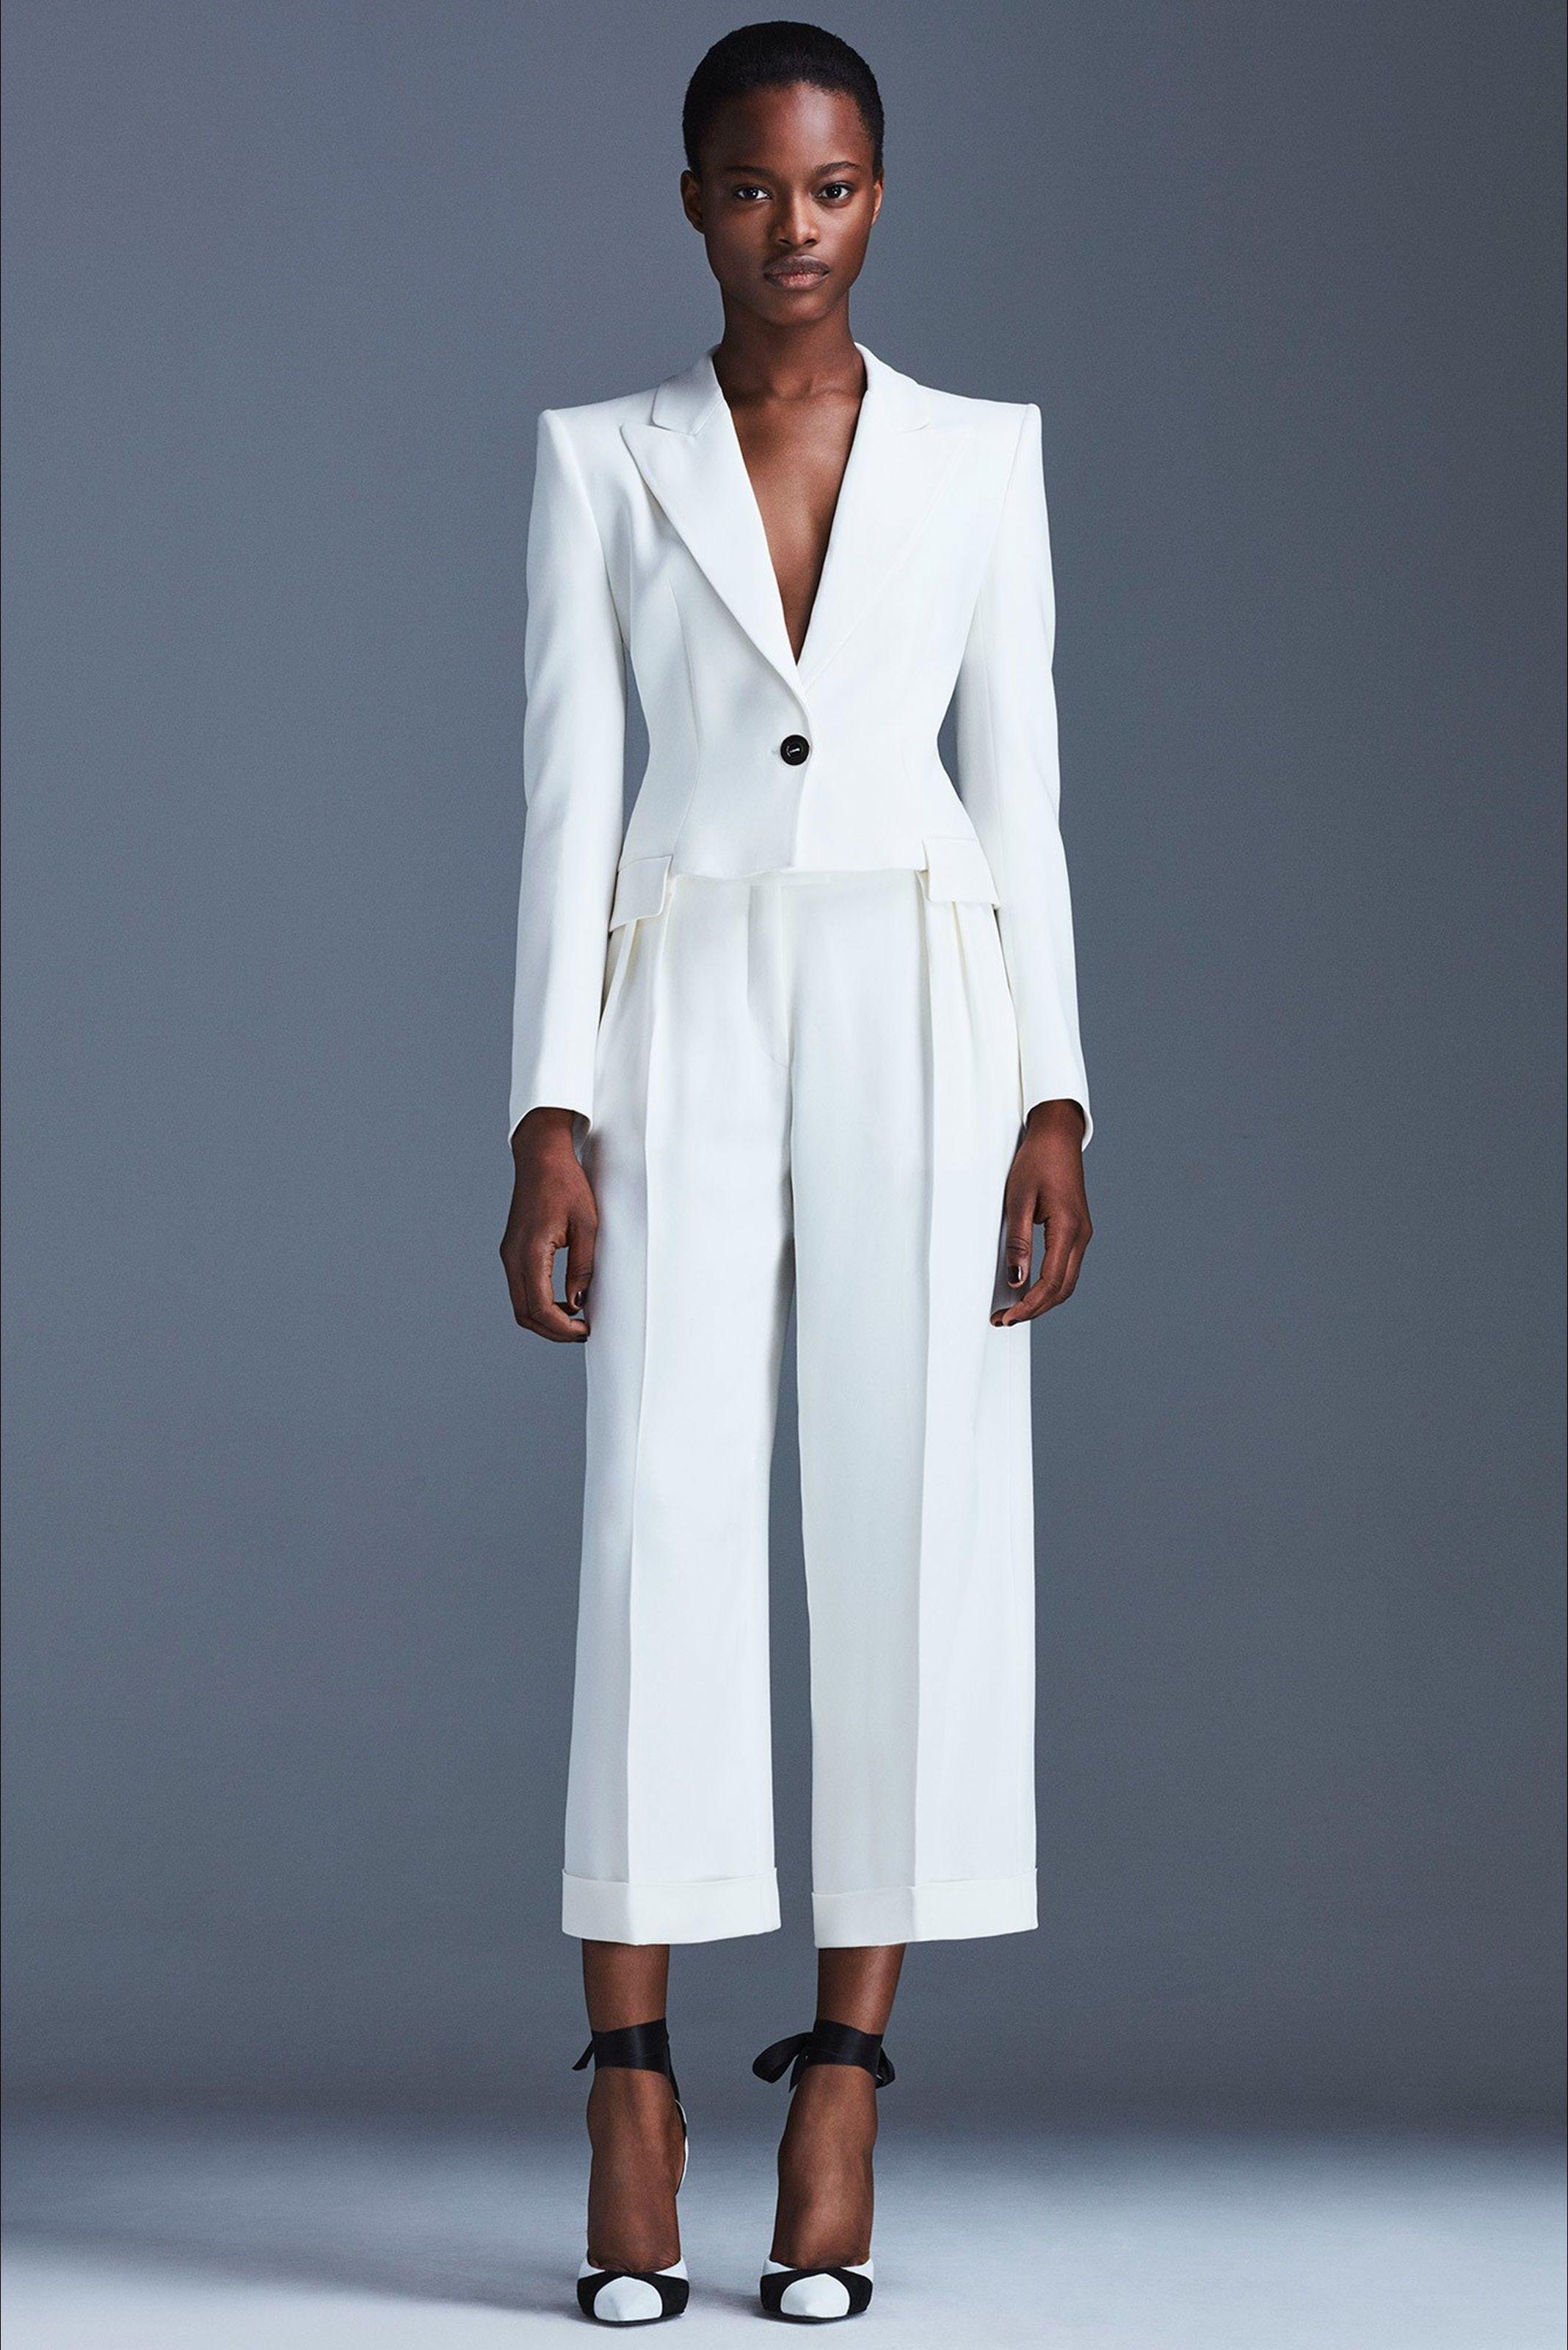 e305ae335f Guarda la sfilata di moda Emanuel Ungaro a Milano e scopri la collezione di  abiti e accessori per la stagione Pre-collezioni Primavera Estate 2017.